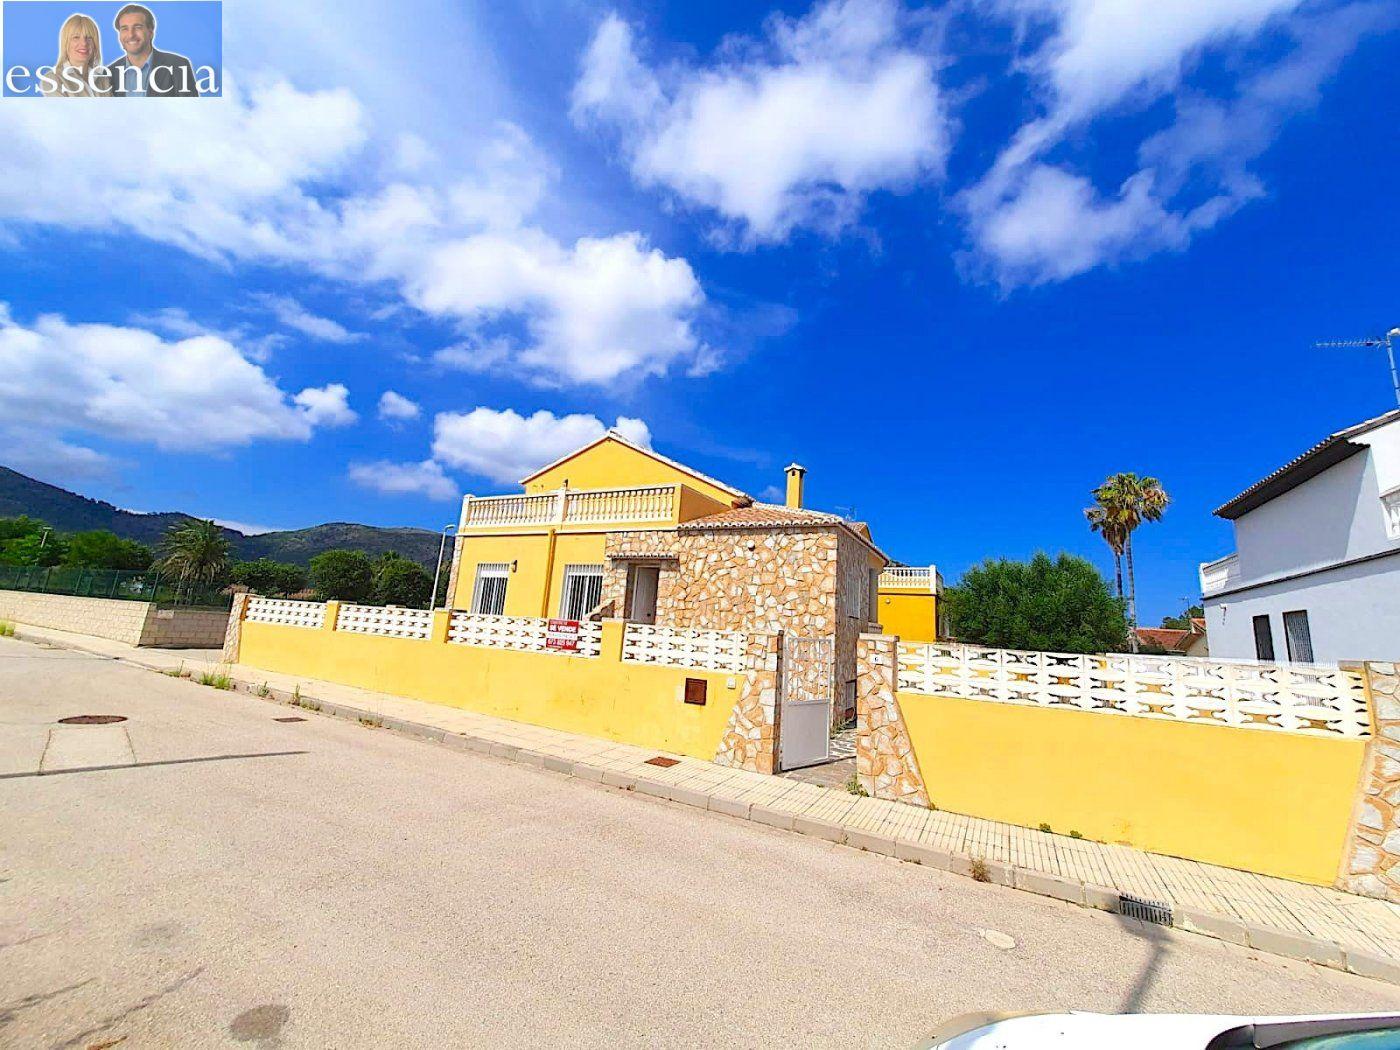 Chalet independiente en venta en calle magraner urbanización xauxa, 6, 46728, gandia (vale - imagenInmueble1